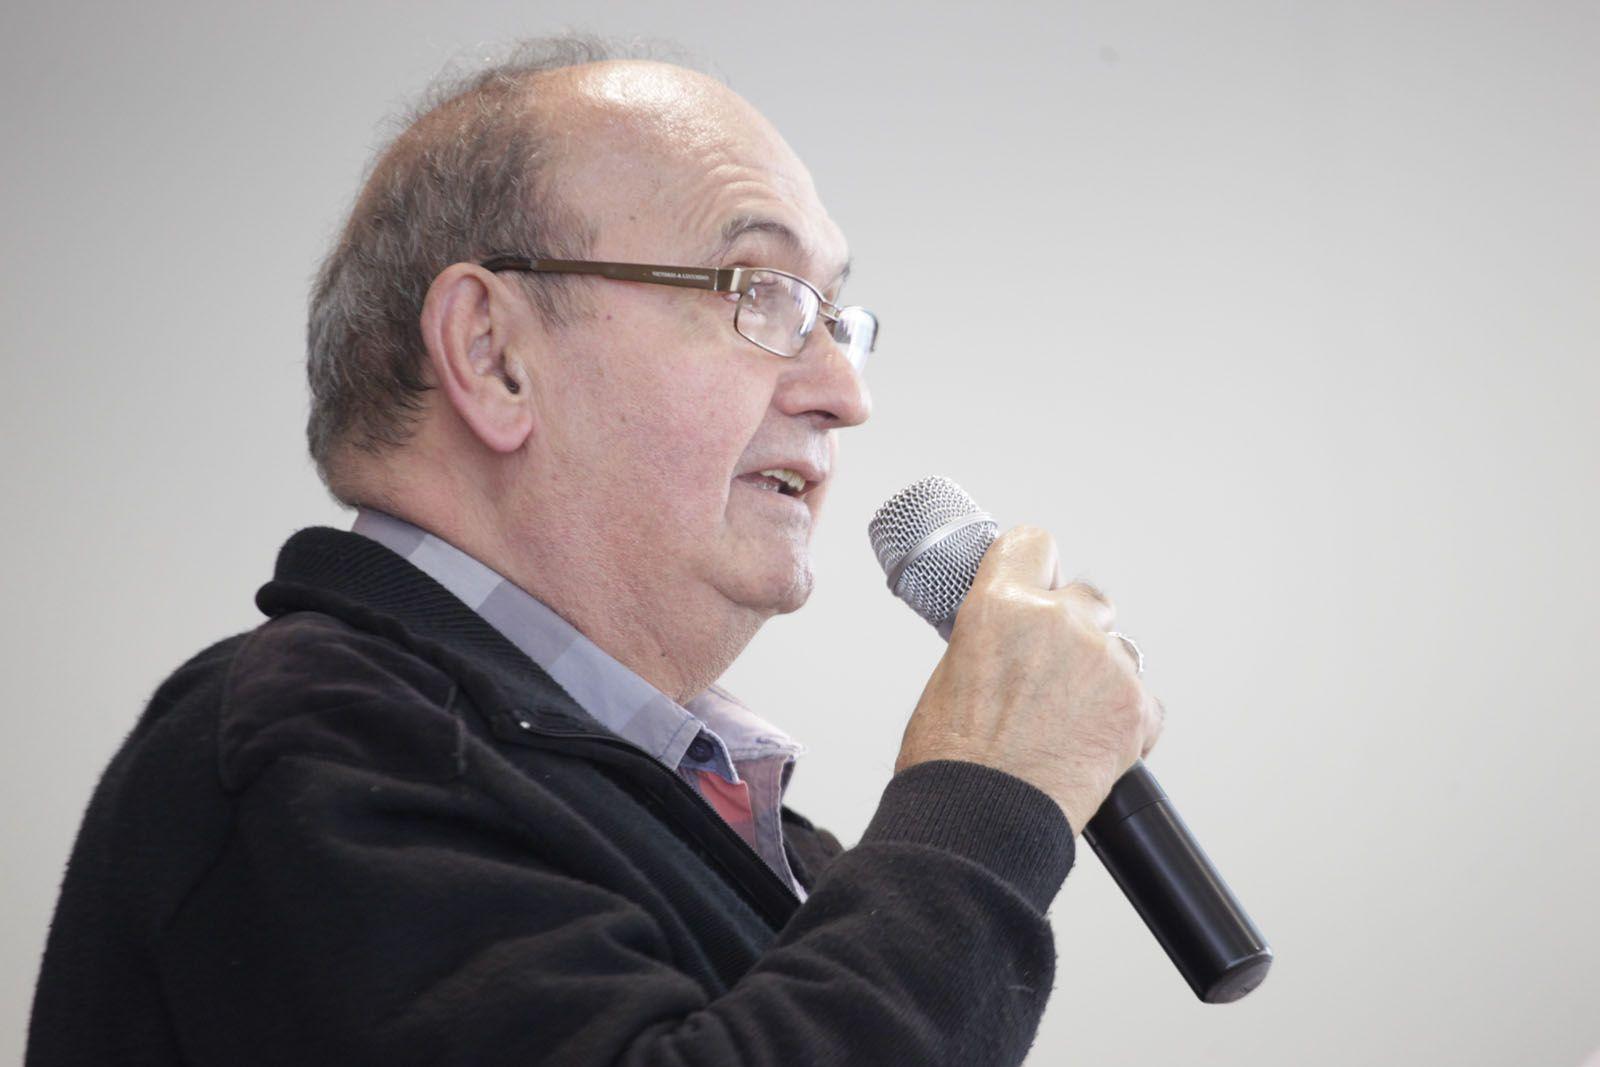 El Sr. Castro durant la seva intervenció. FOTO: Artur Ribera